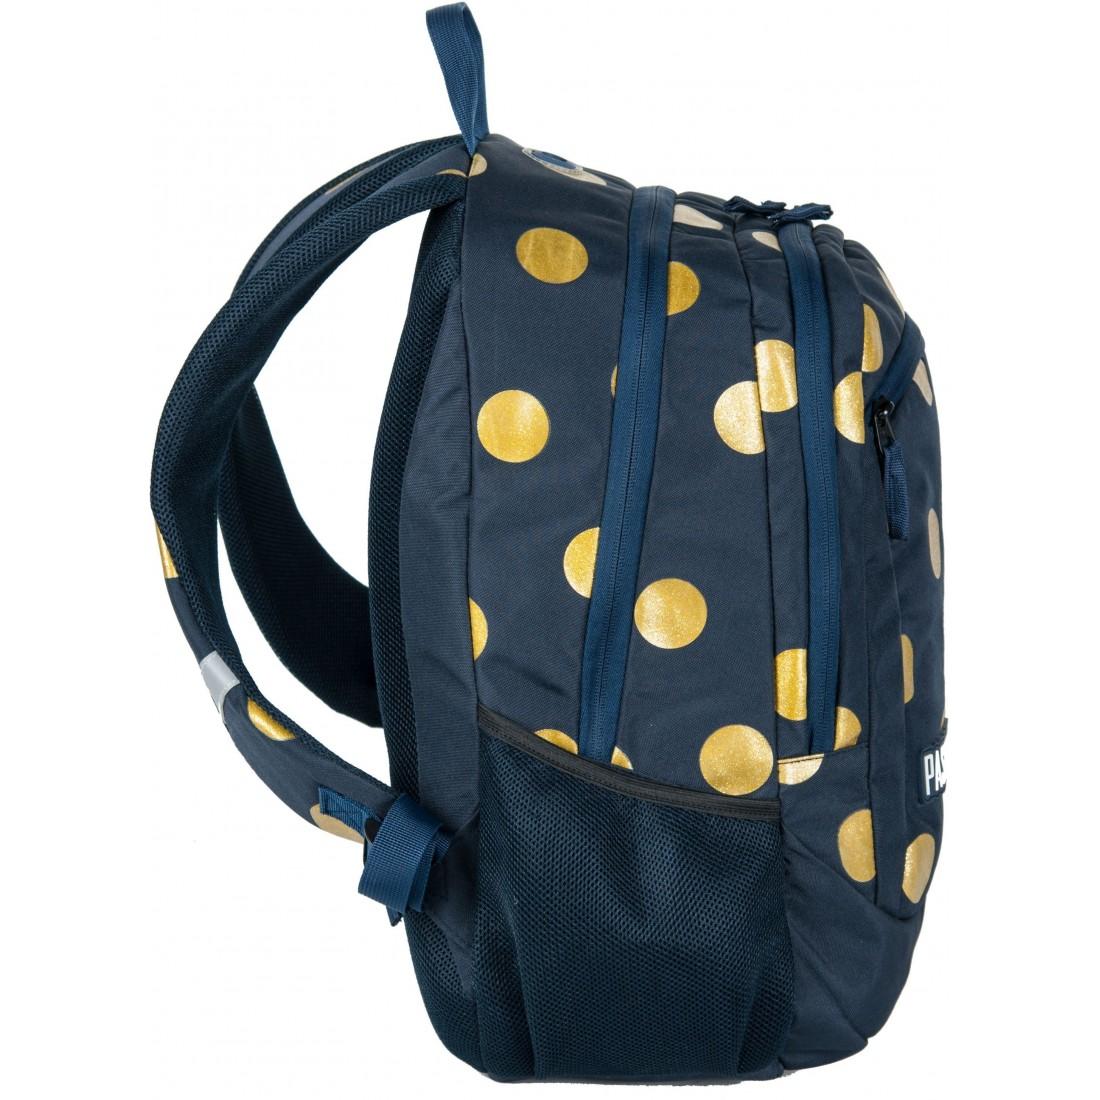 b8c5c8503c7f2 Plecak młodzieżowy do szkoły Paso Unique Gold Circle dla dziewczyny ...